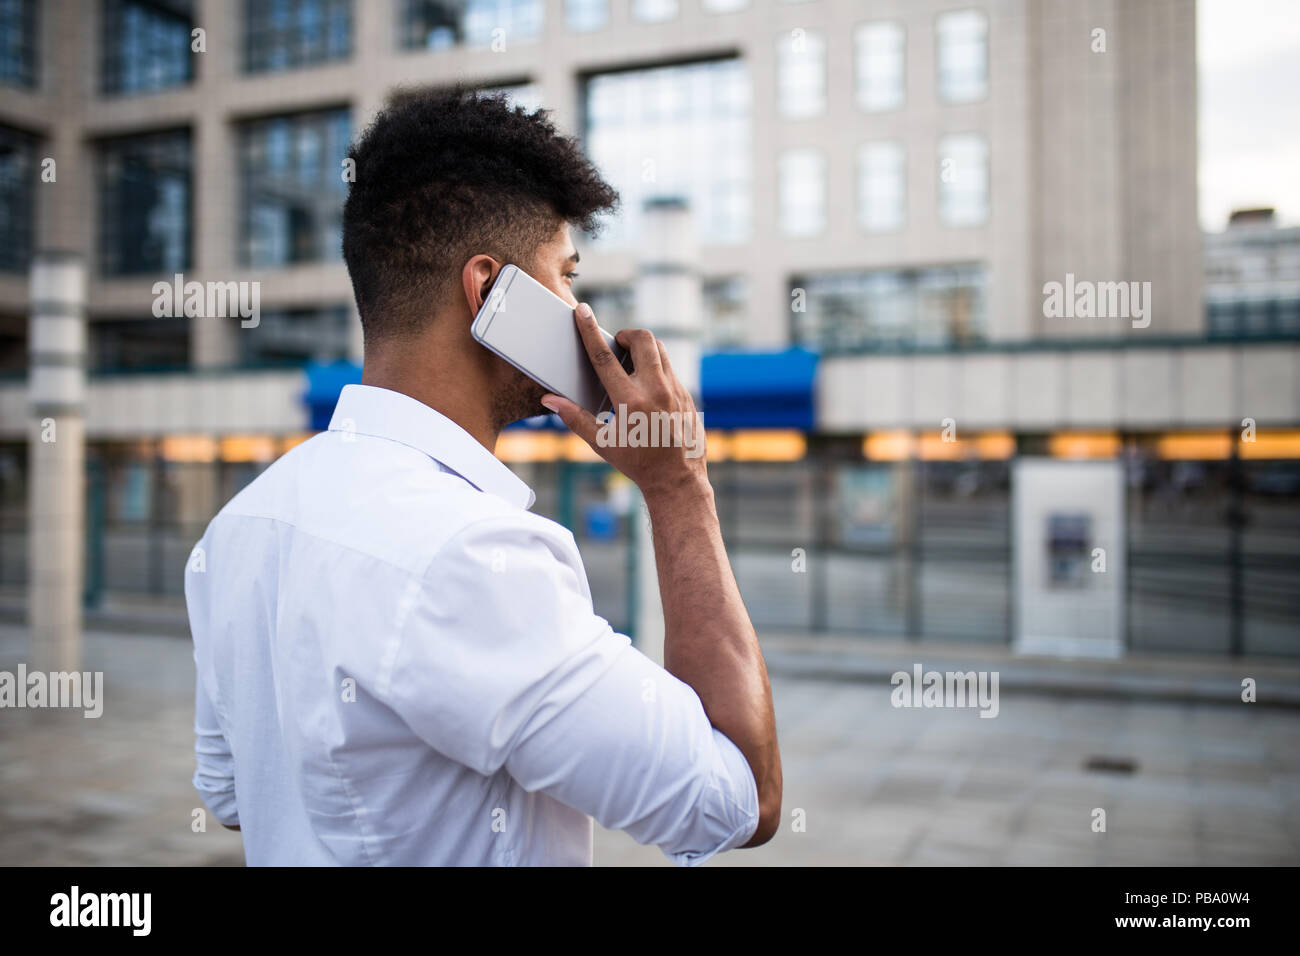 Beau jeune homme afro-américain debout devant d'énormes capacités d'affaires moderne; sourire et parler sur téléphone mobile. Banque D'Images